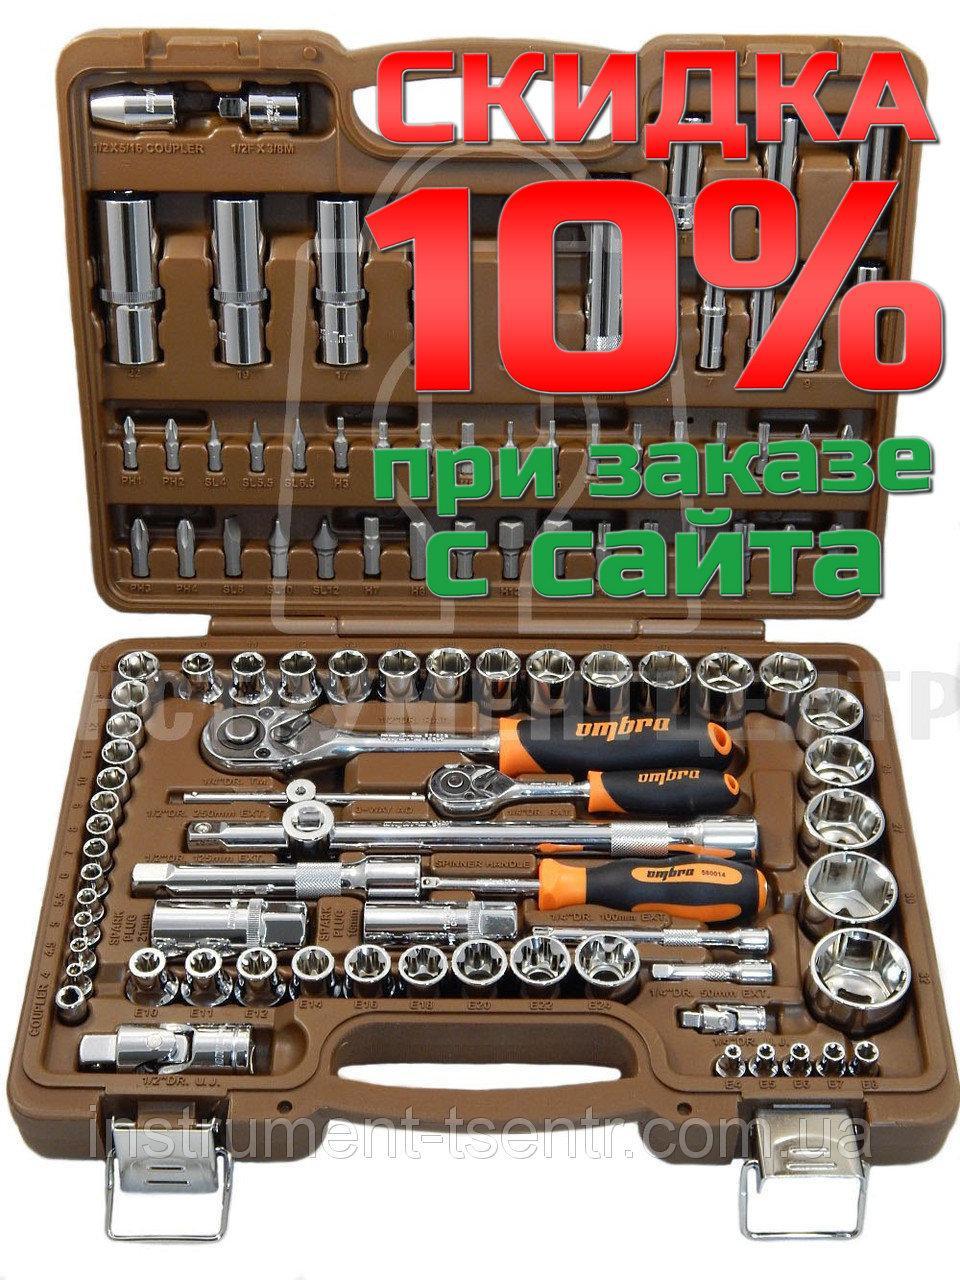 Набор инструментов OMBRA OMT108S (108 предметов)